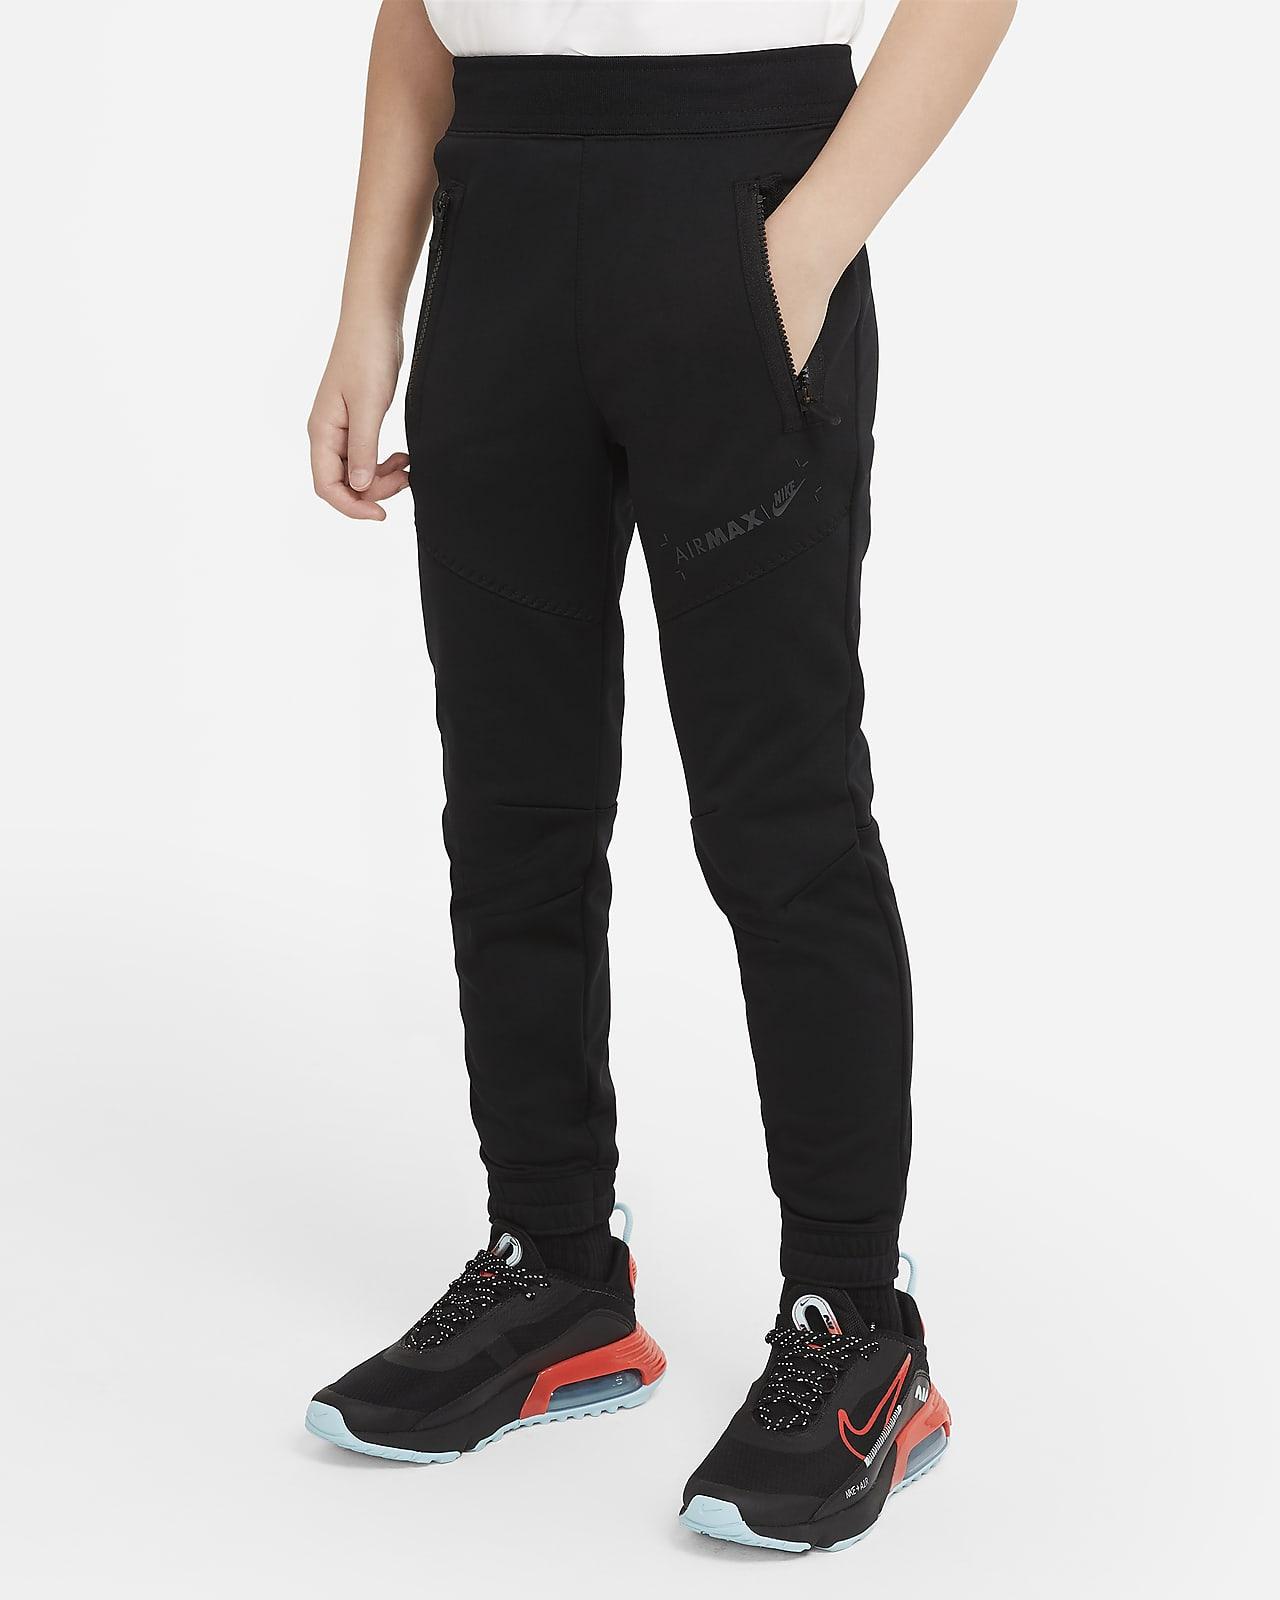 Παντελόνι φλις Nike Sportswear Air Max για μεγάλα αγόρια